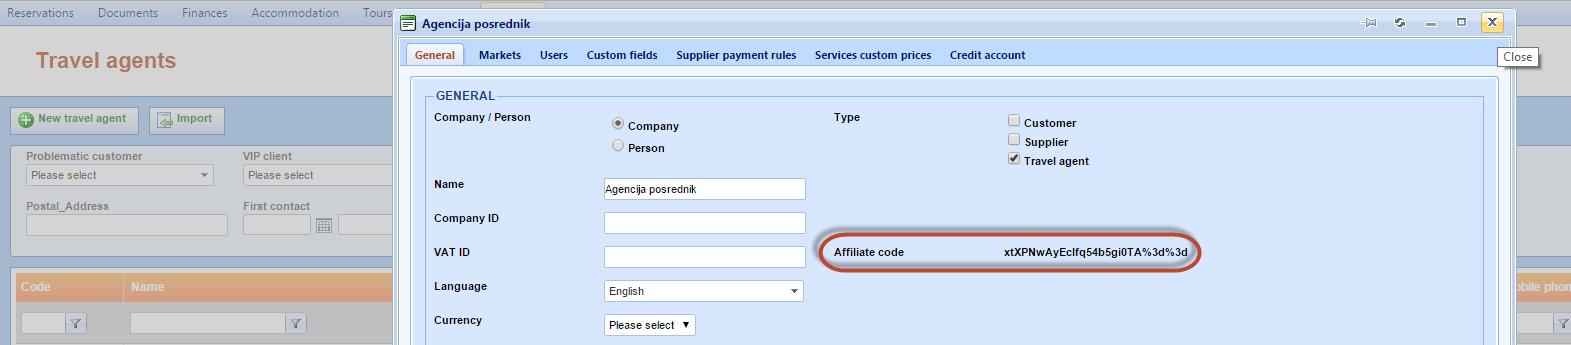 affiliate code